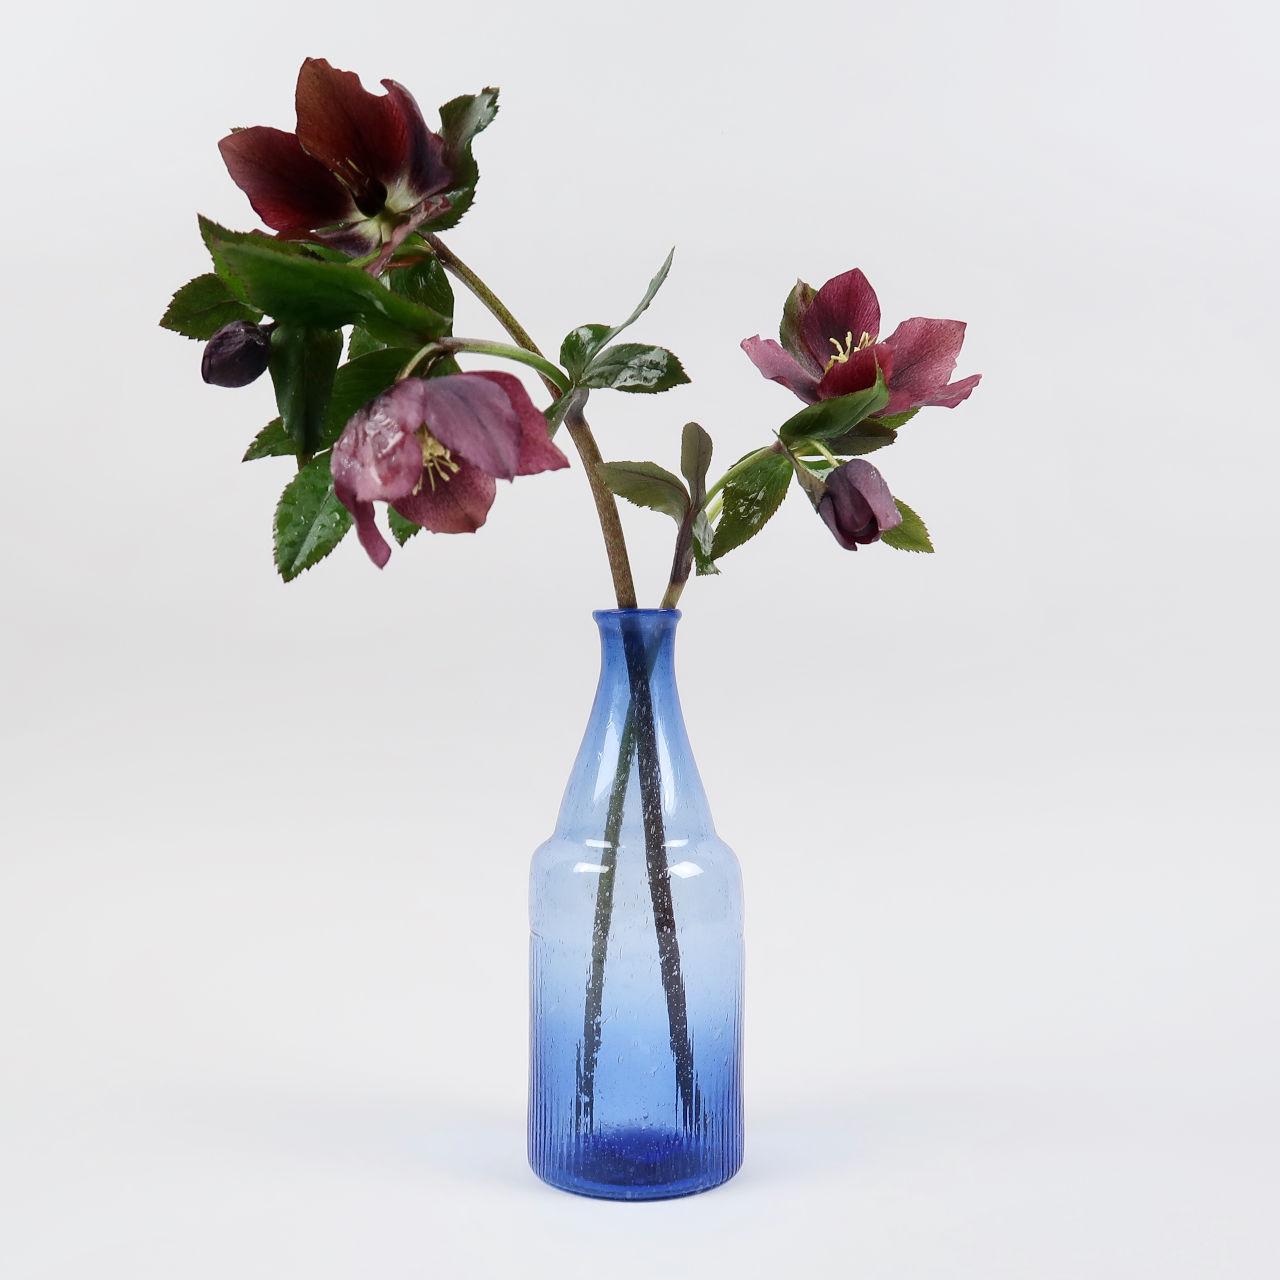 Bottle Vase - Cobalt Blue